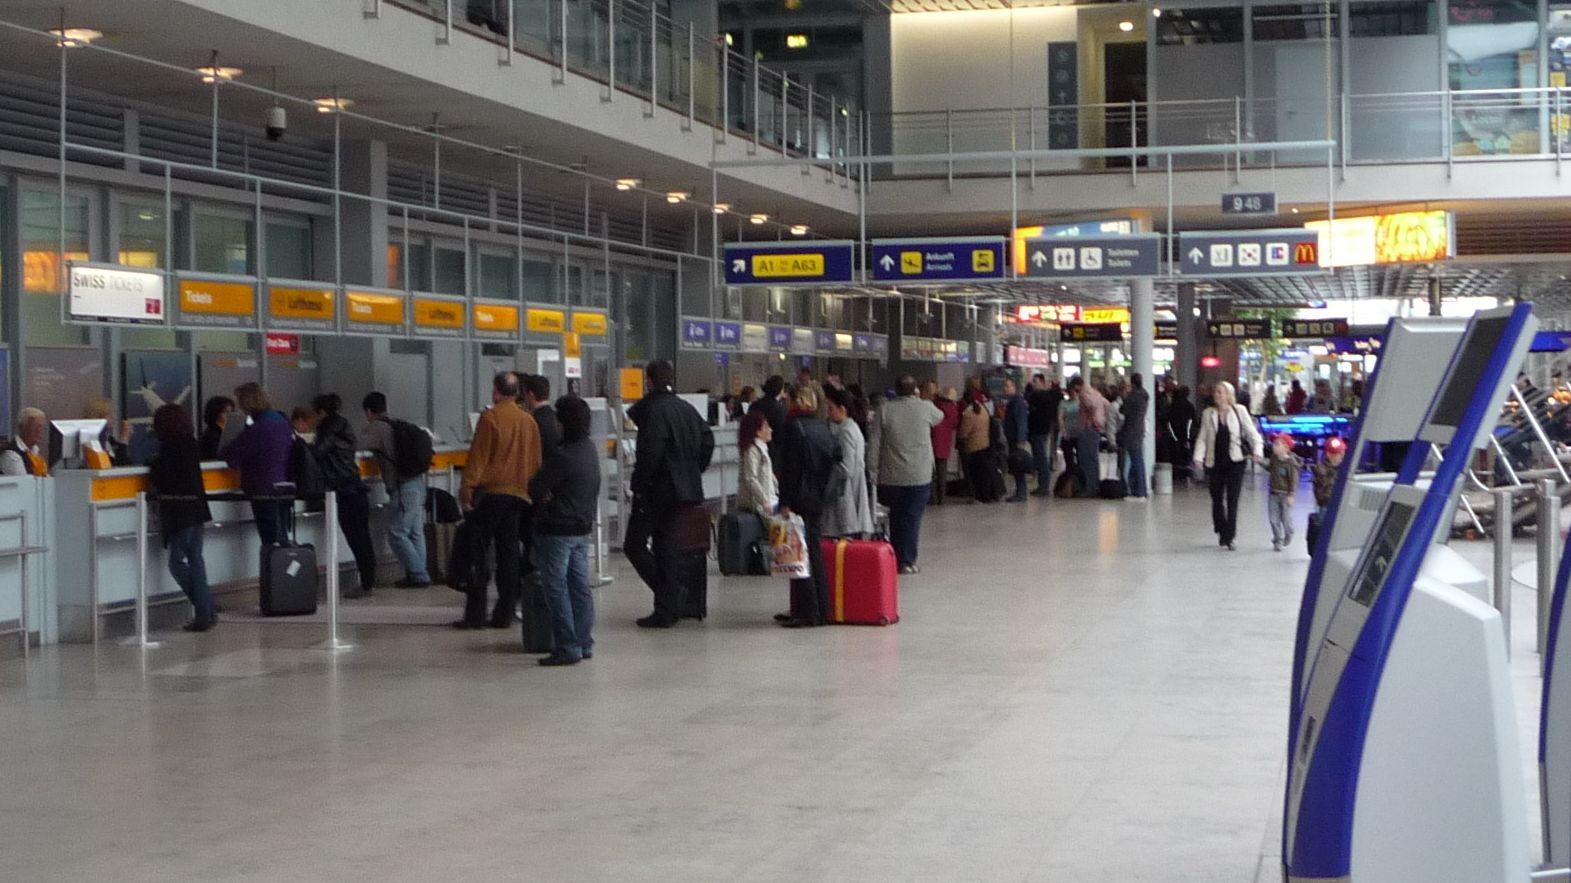 Fluggäste mit Koffern vor Schaltern in der Abflughalle am Airport Nürnberg